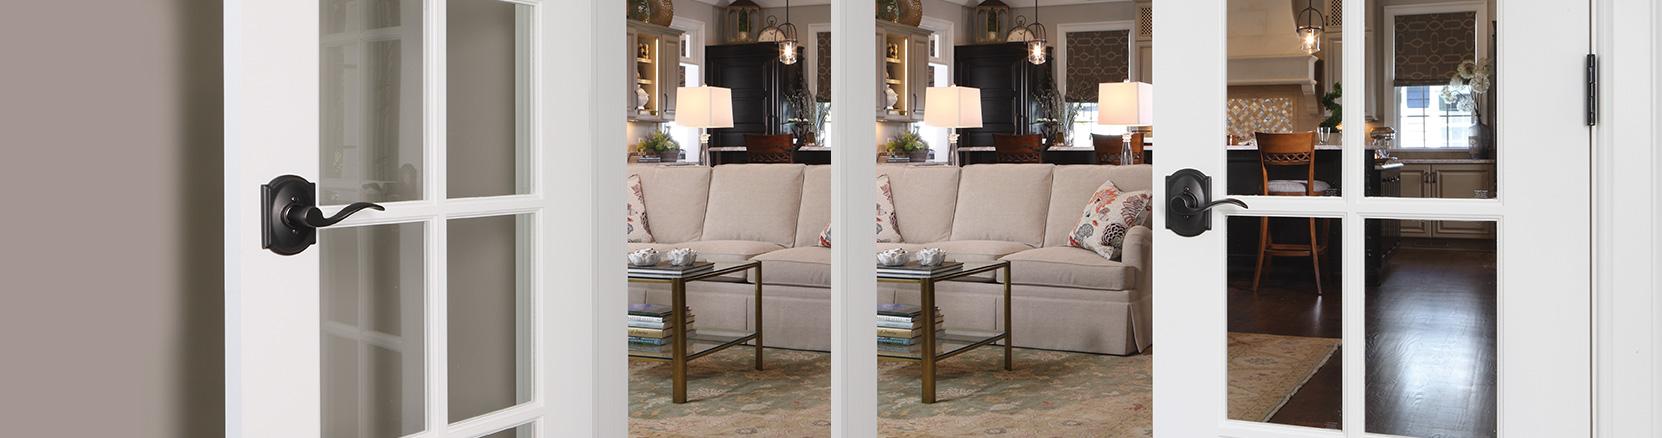 Build Com Smarter Home Improvement Plumbing Lighting